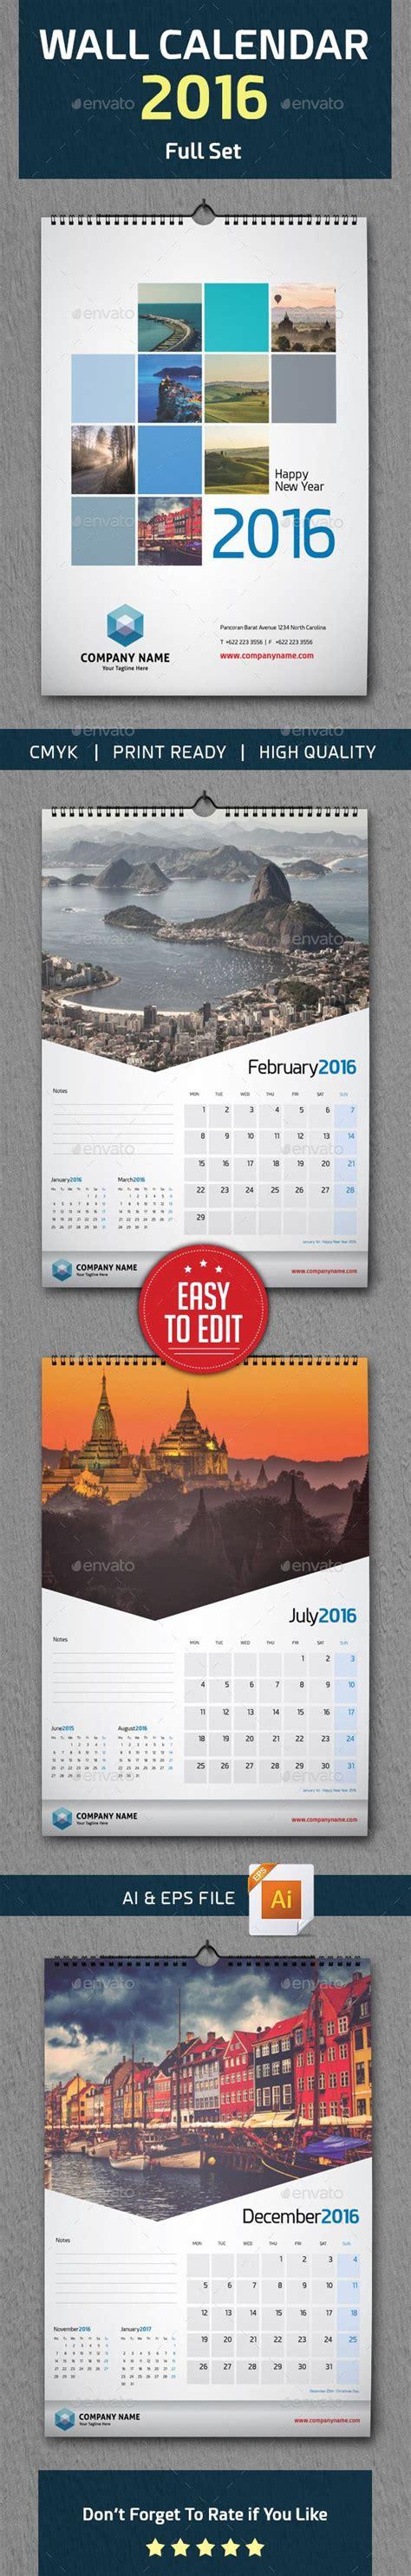 calendar design corporate 11 best corporate calendar design images on pinterest